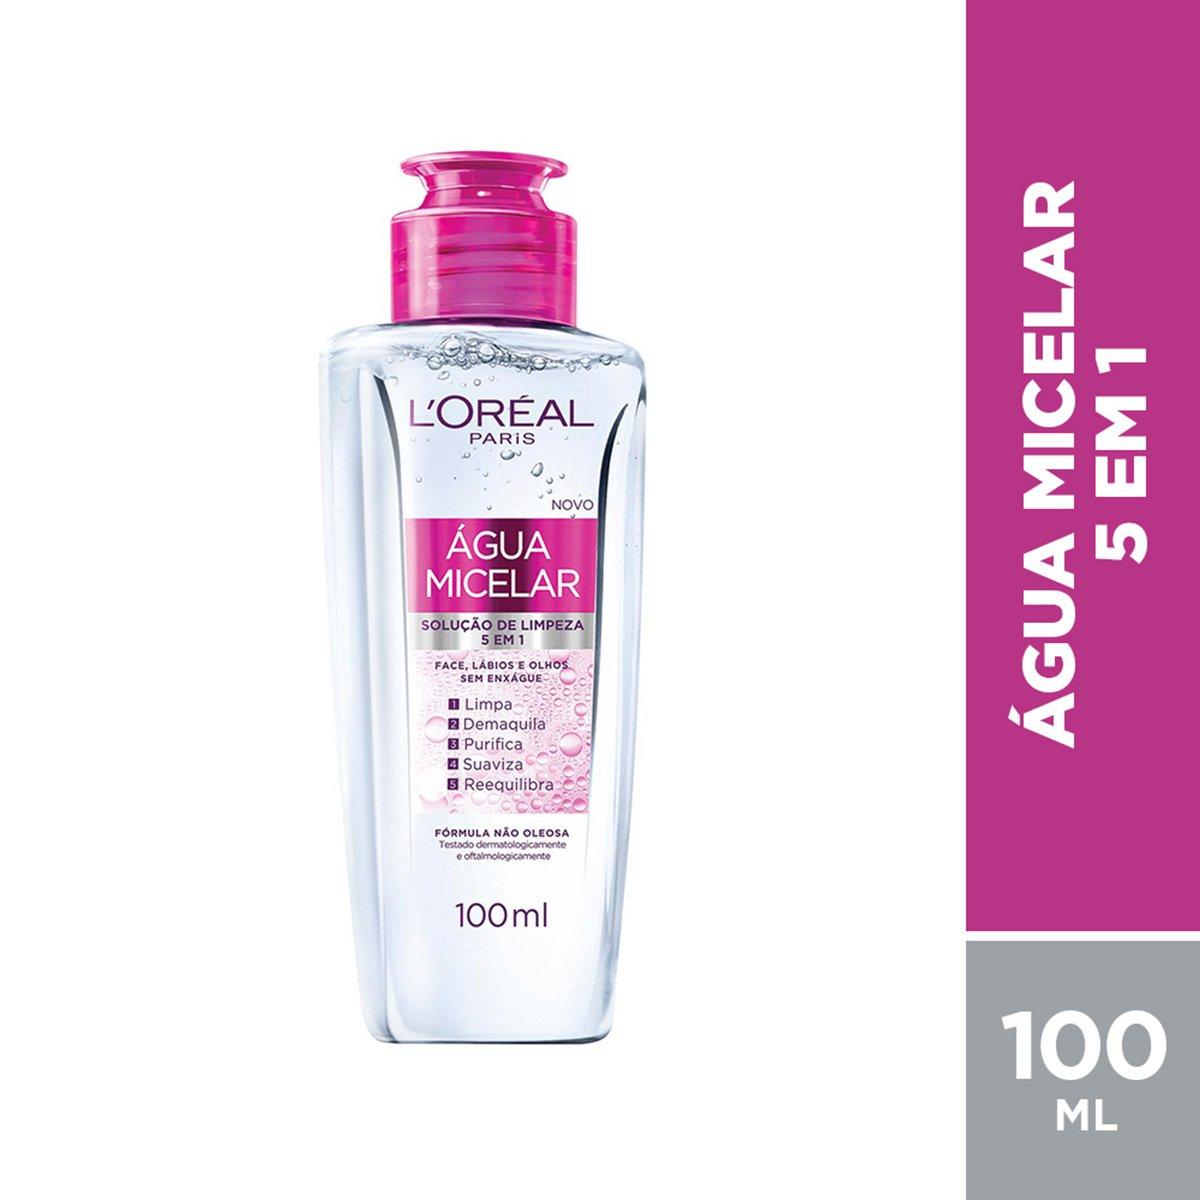 Água Micelar Solução de Limpeza 5 em 1 L'Oréal Paris - 100ml